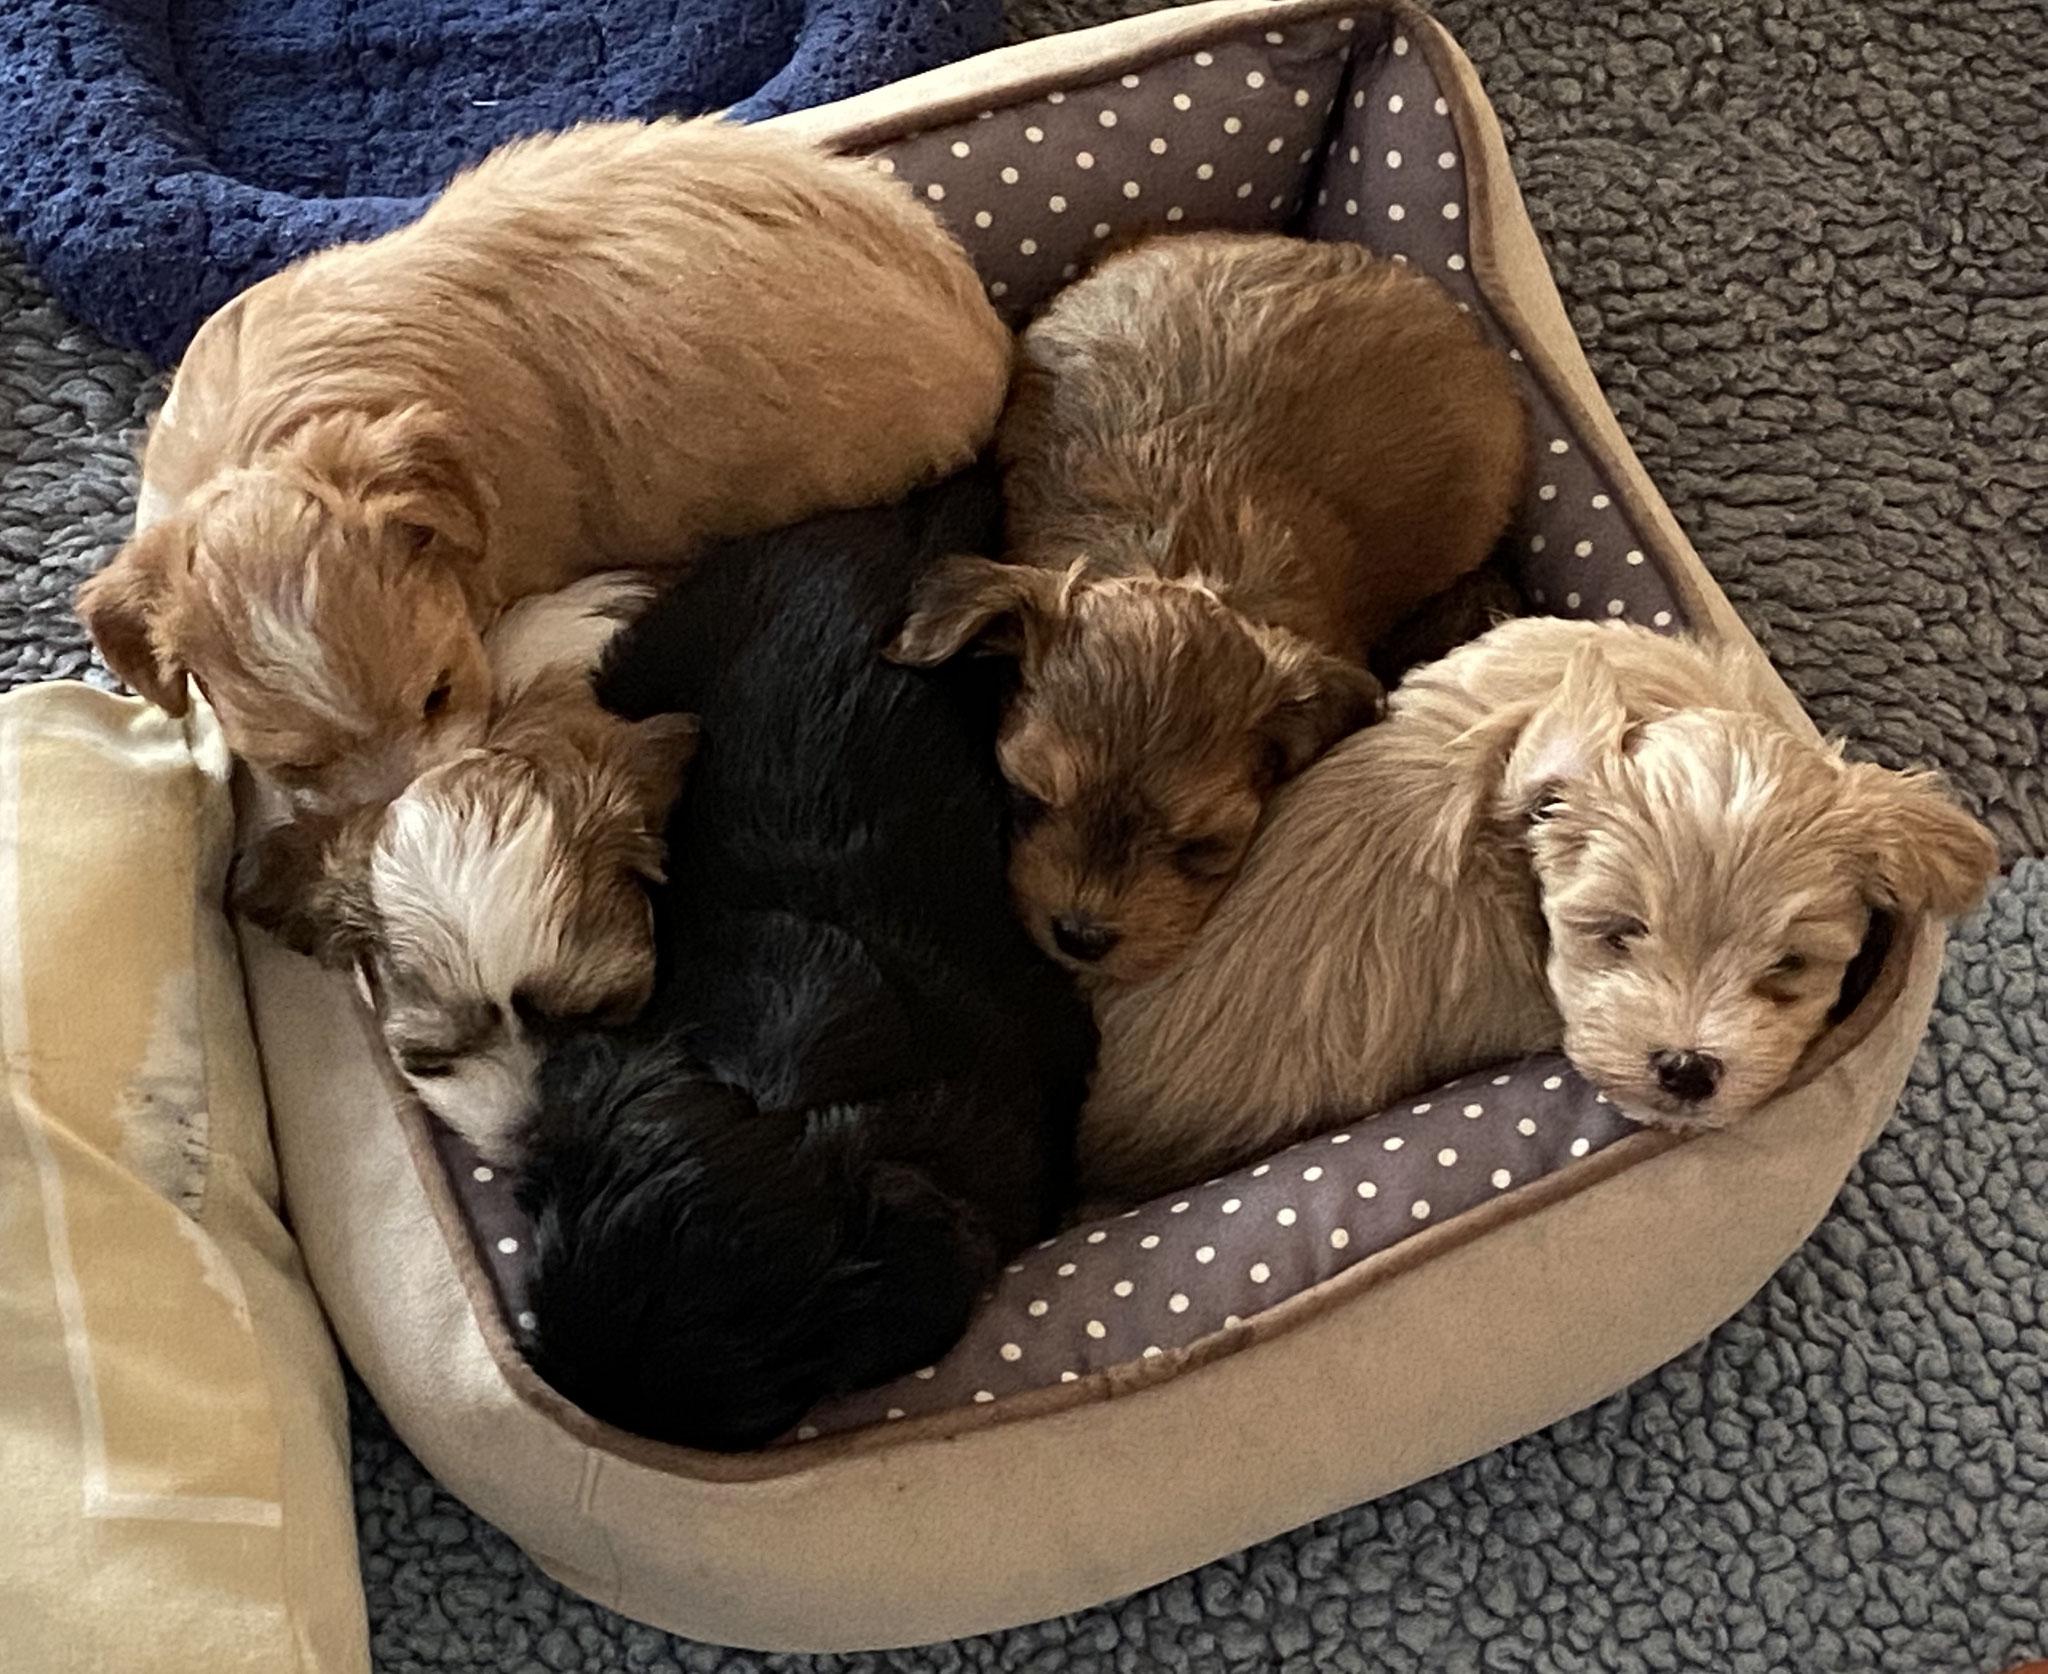 Hilfe, wir haben nur ein Bett!  ; - ))